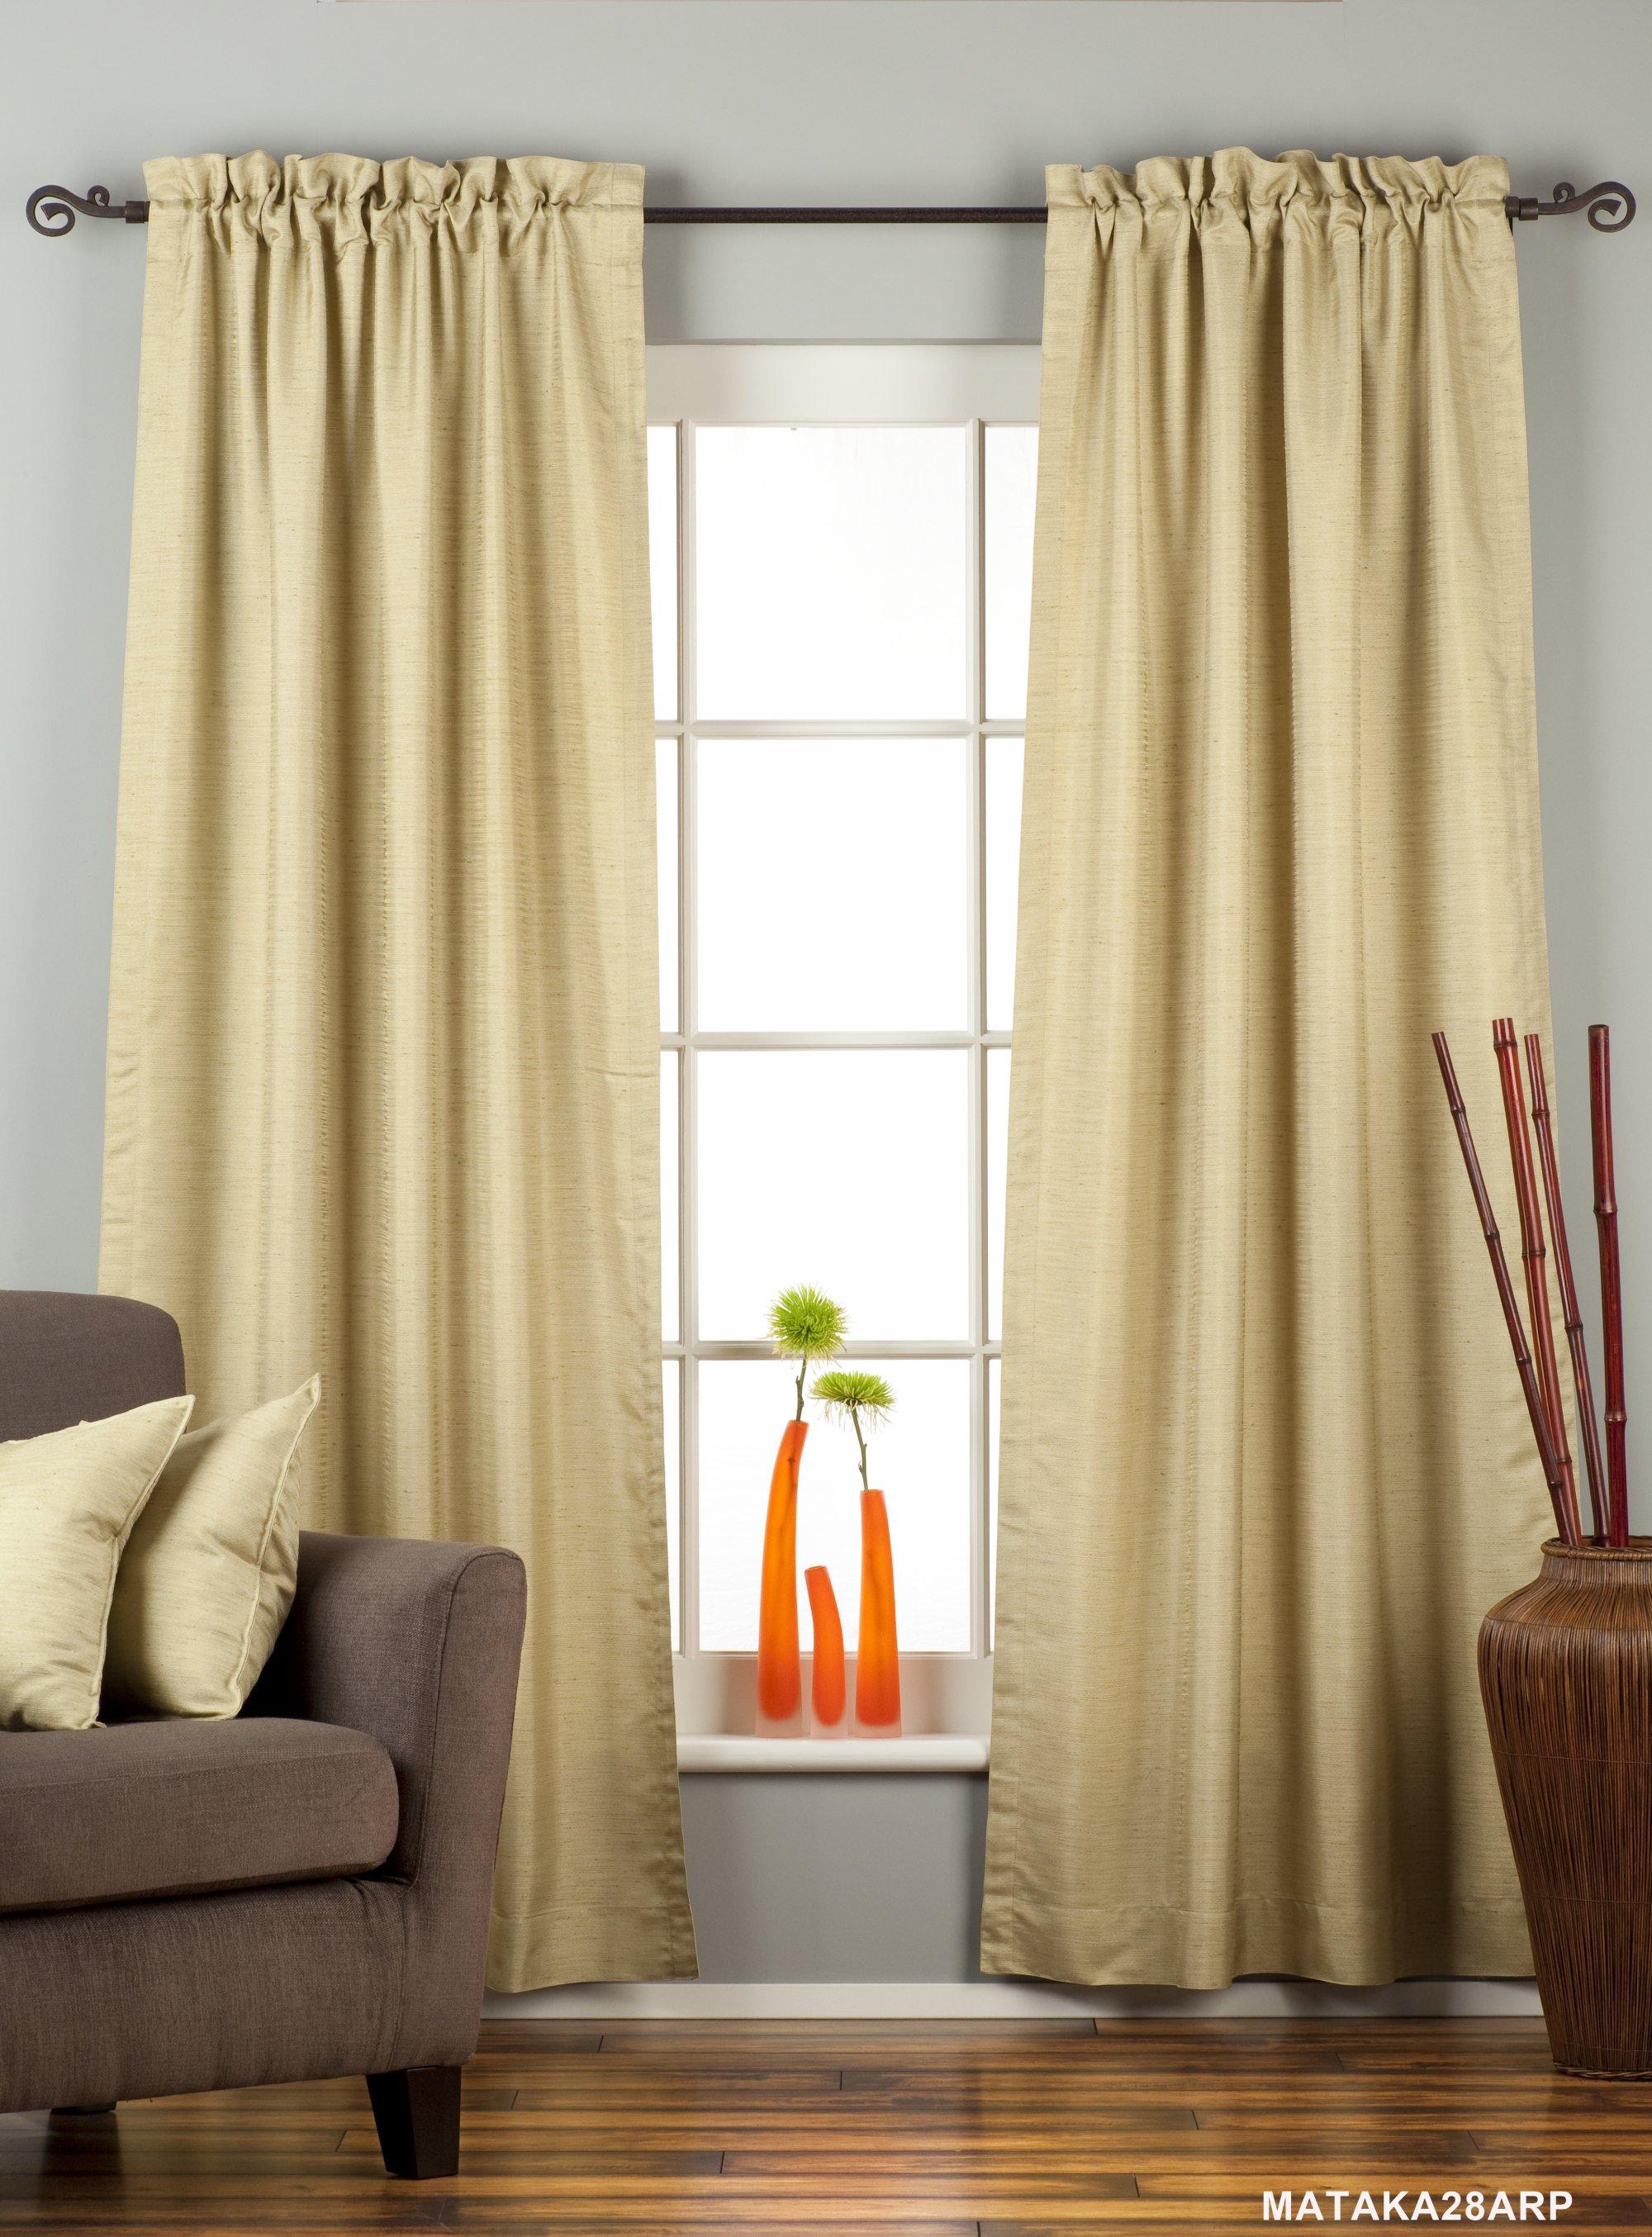 Olive Green Rod Pocket Matka Raw Silk Curtain Drape